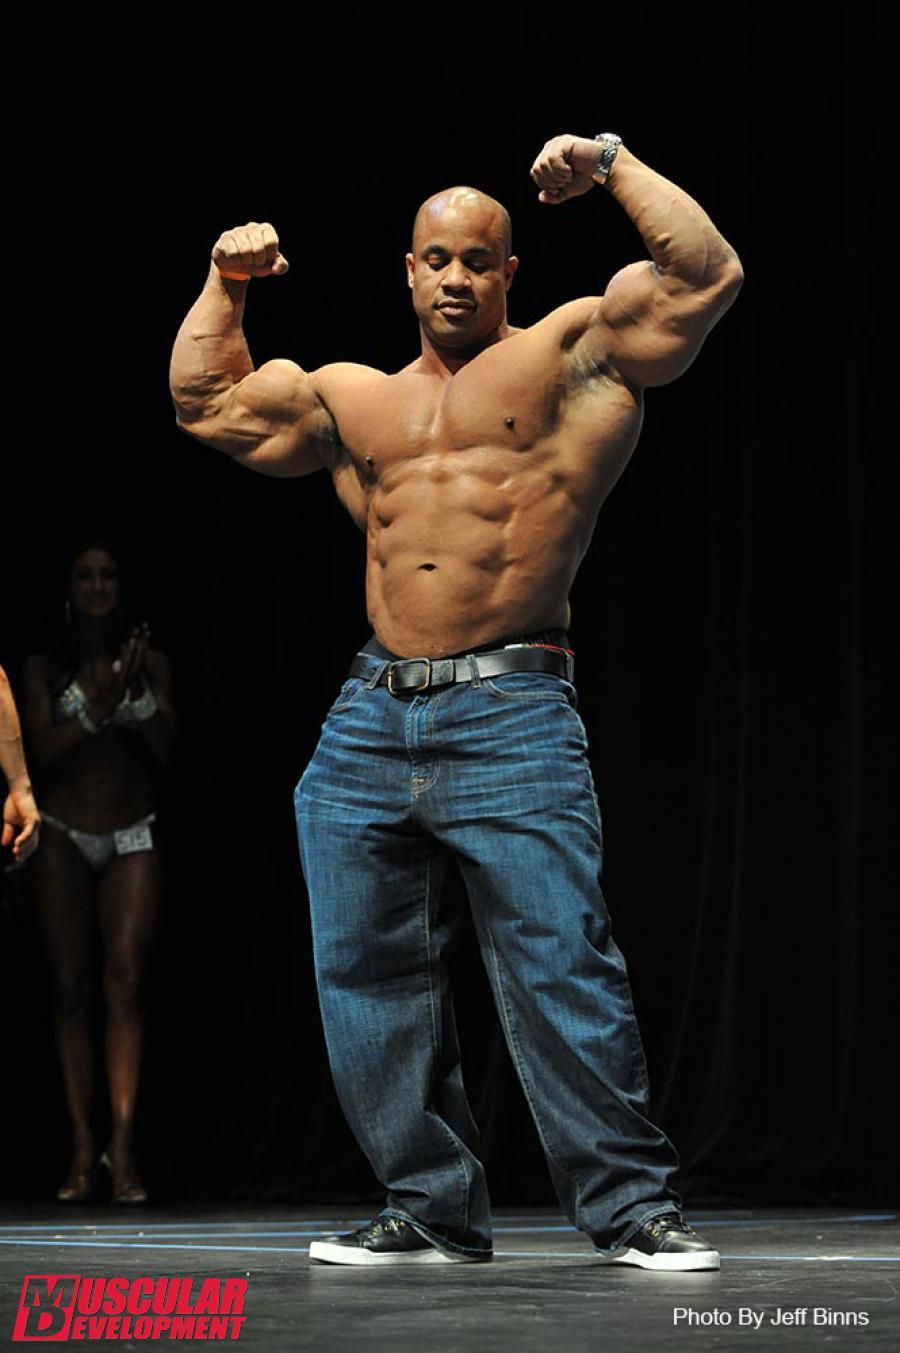 biggest steroid bodybuilder